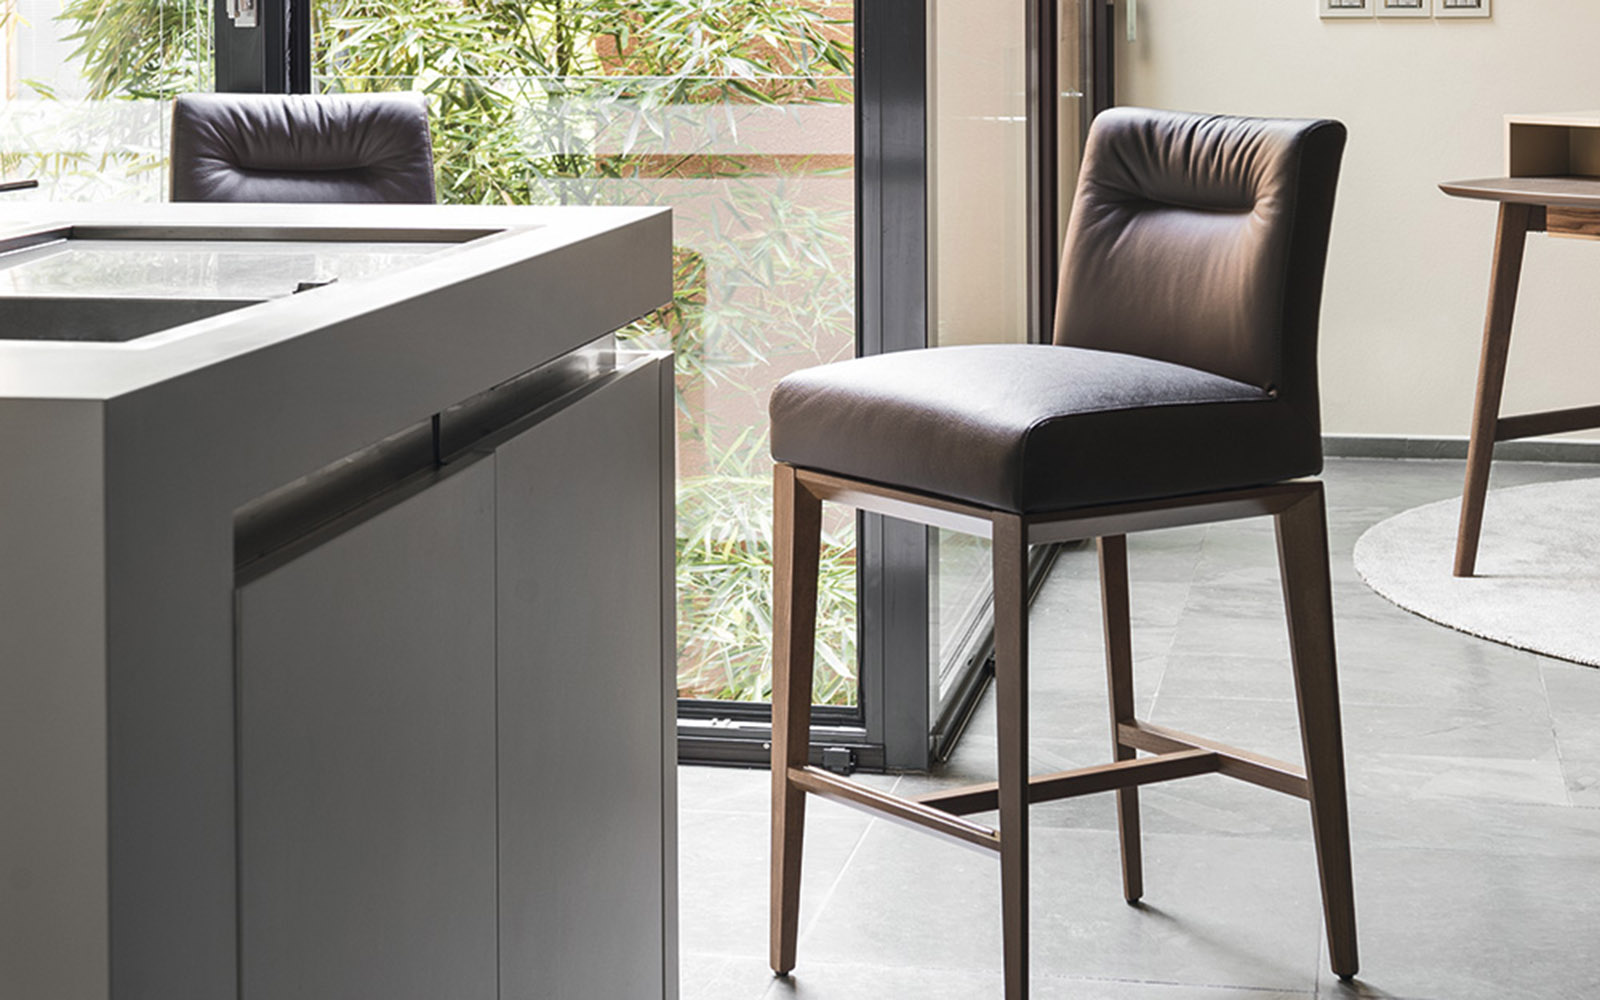 барные стулья от Ikea 50 фото складные деревянные полубарные